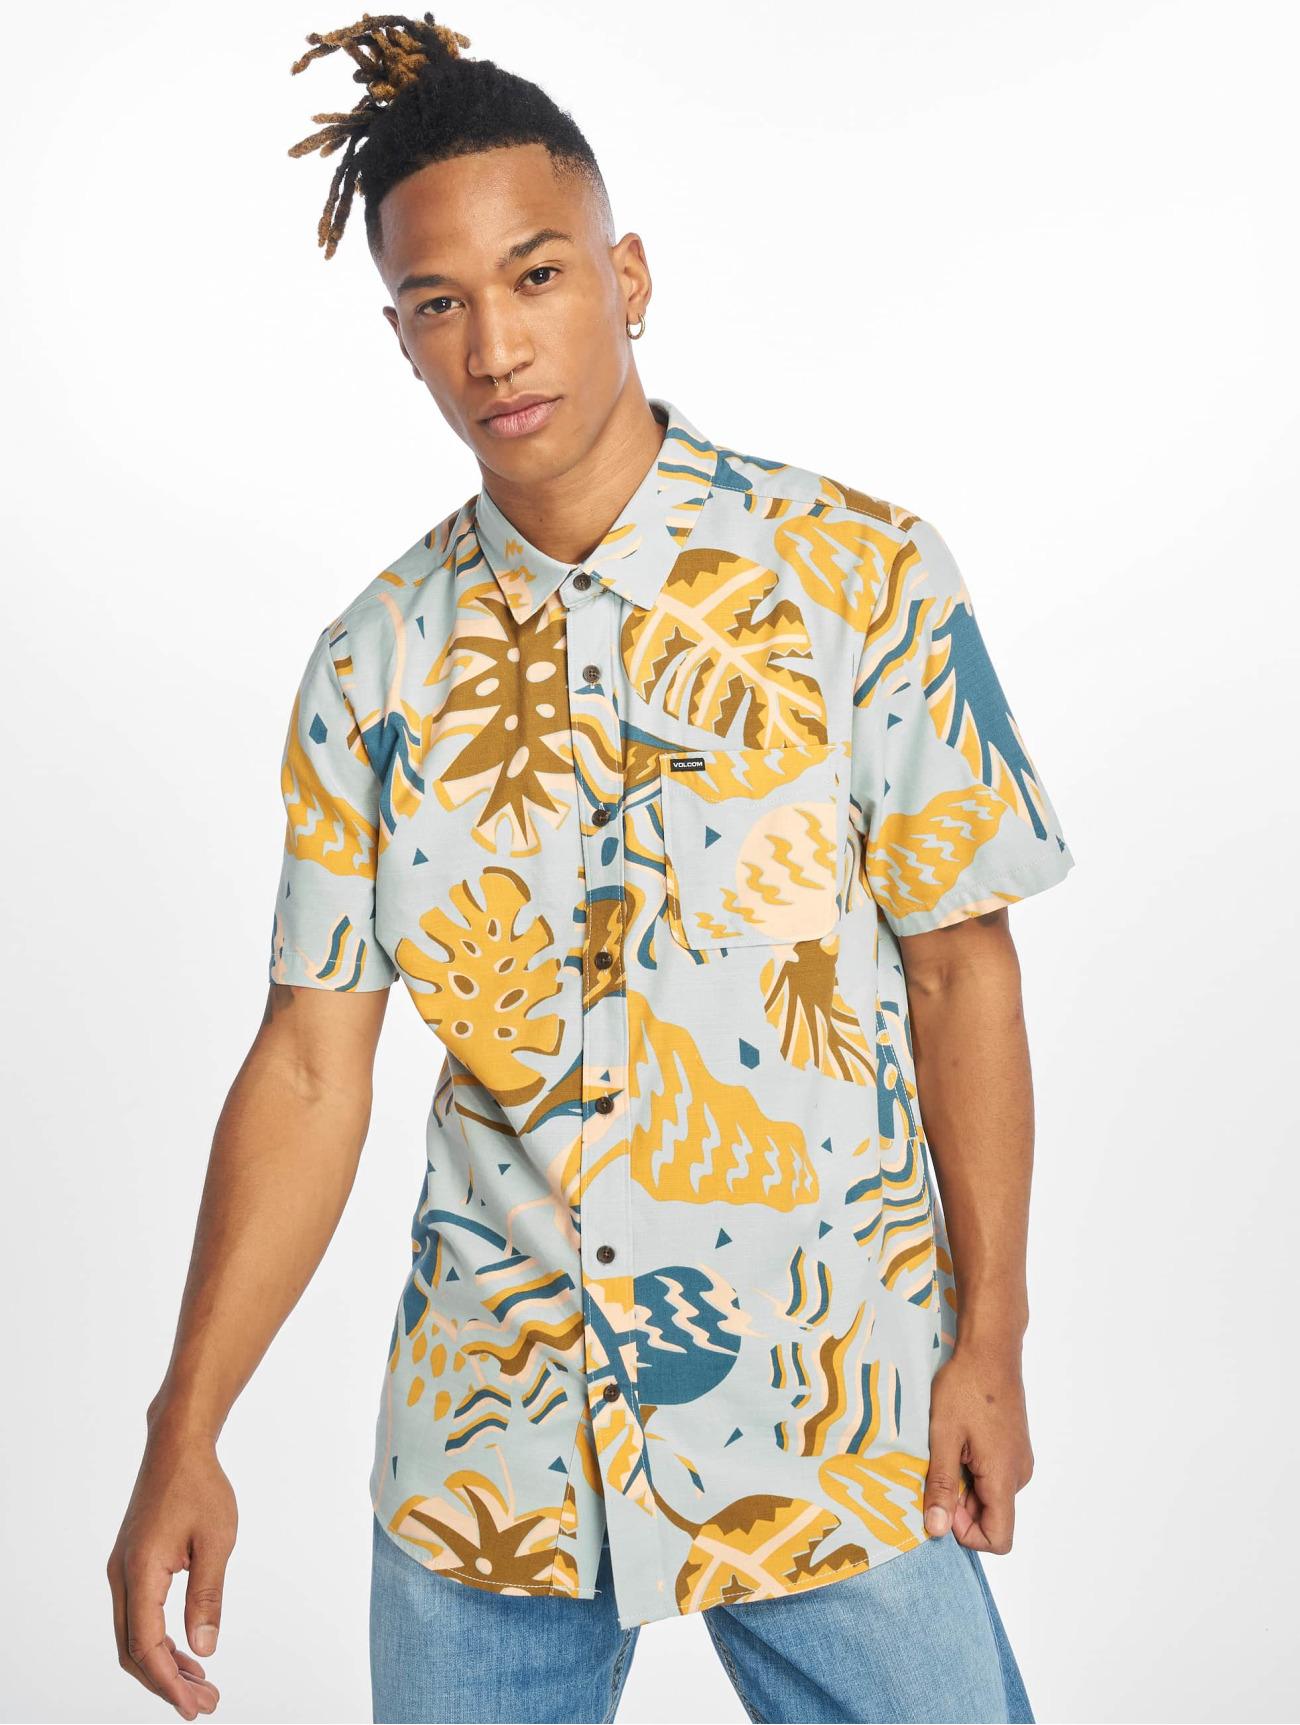 Volcom Överdel / Skjorta Scrap Floral i blå 627103 Män Överdelar